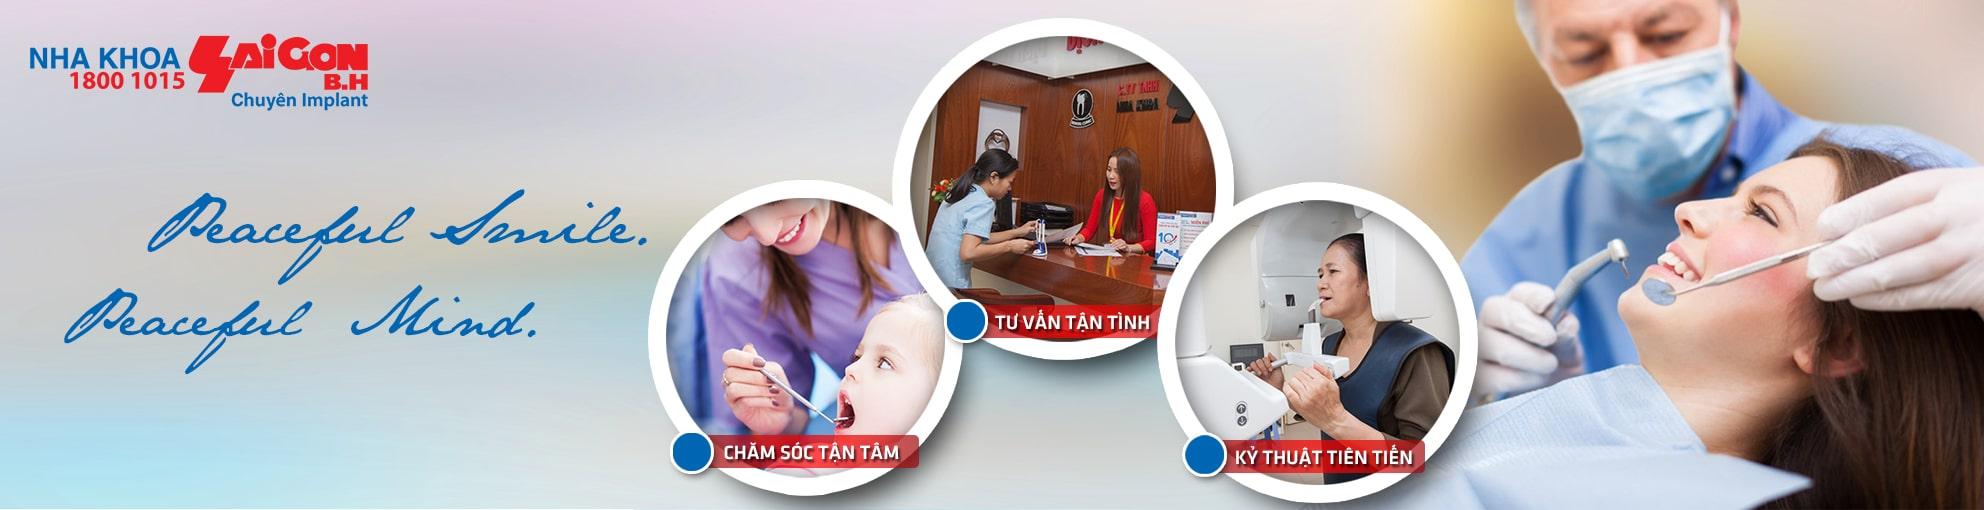 Phòng khám nha khoa uy tín tại Biên Hòa